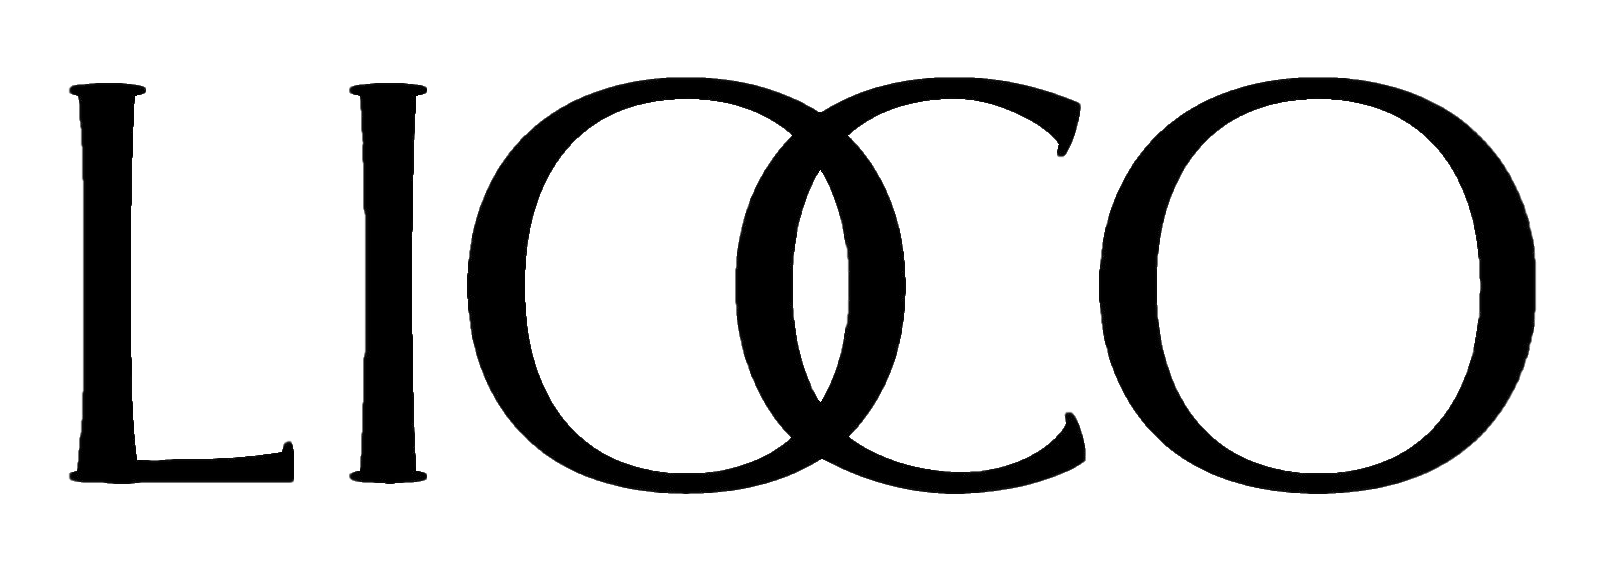 Logo lioco